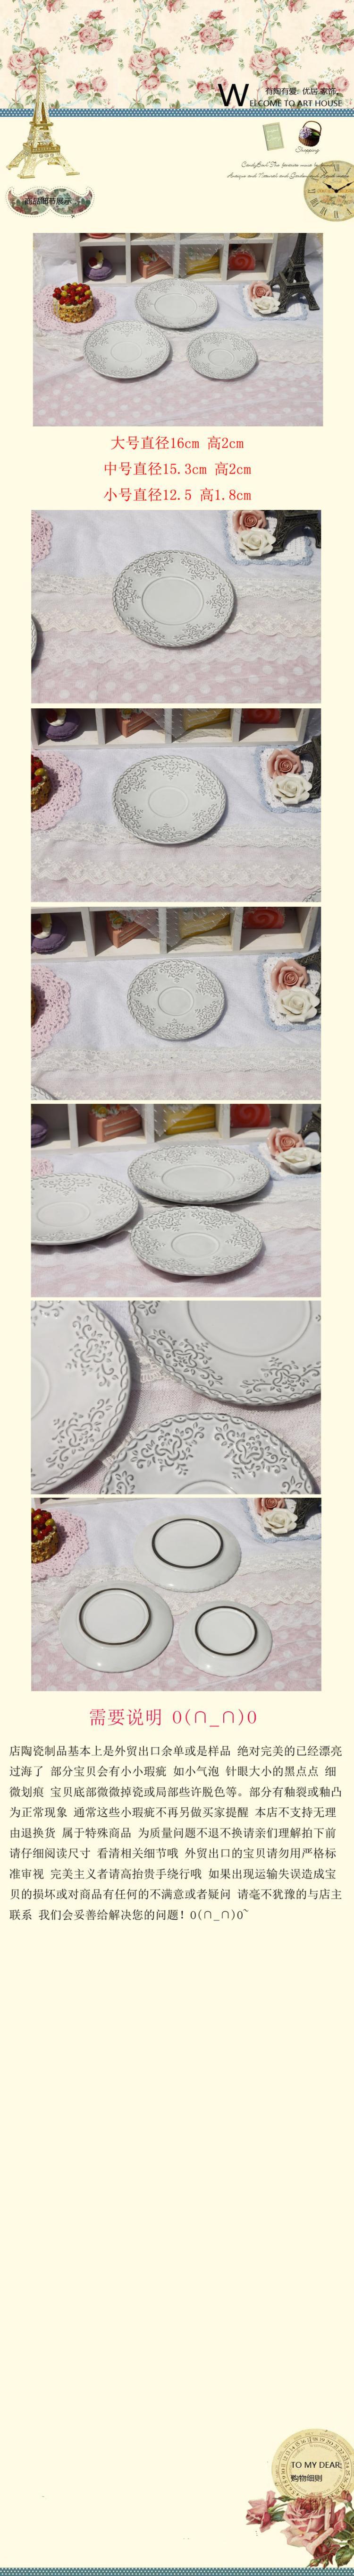 欧式浮 西餐盘三件套 牛排盘 平盘 披萨盘 蛋糕盘 水果盘 点心盘-淘宝网